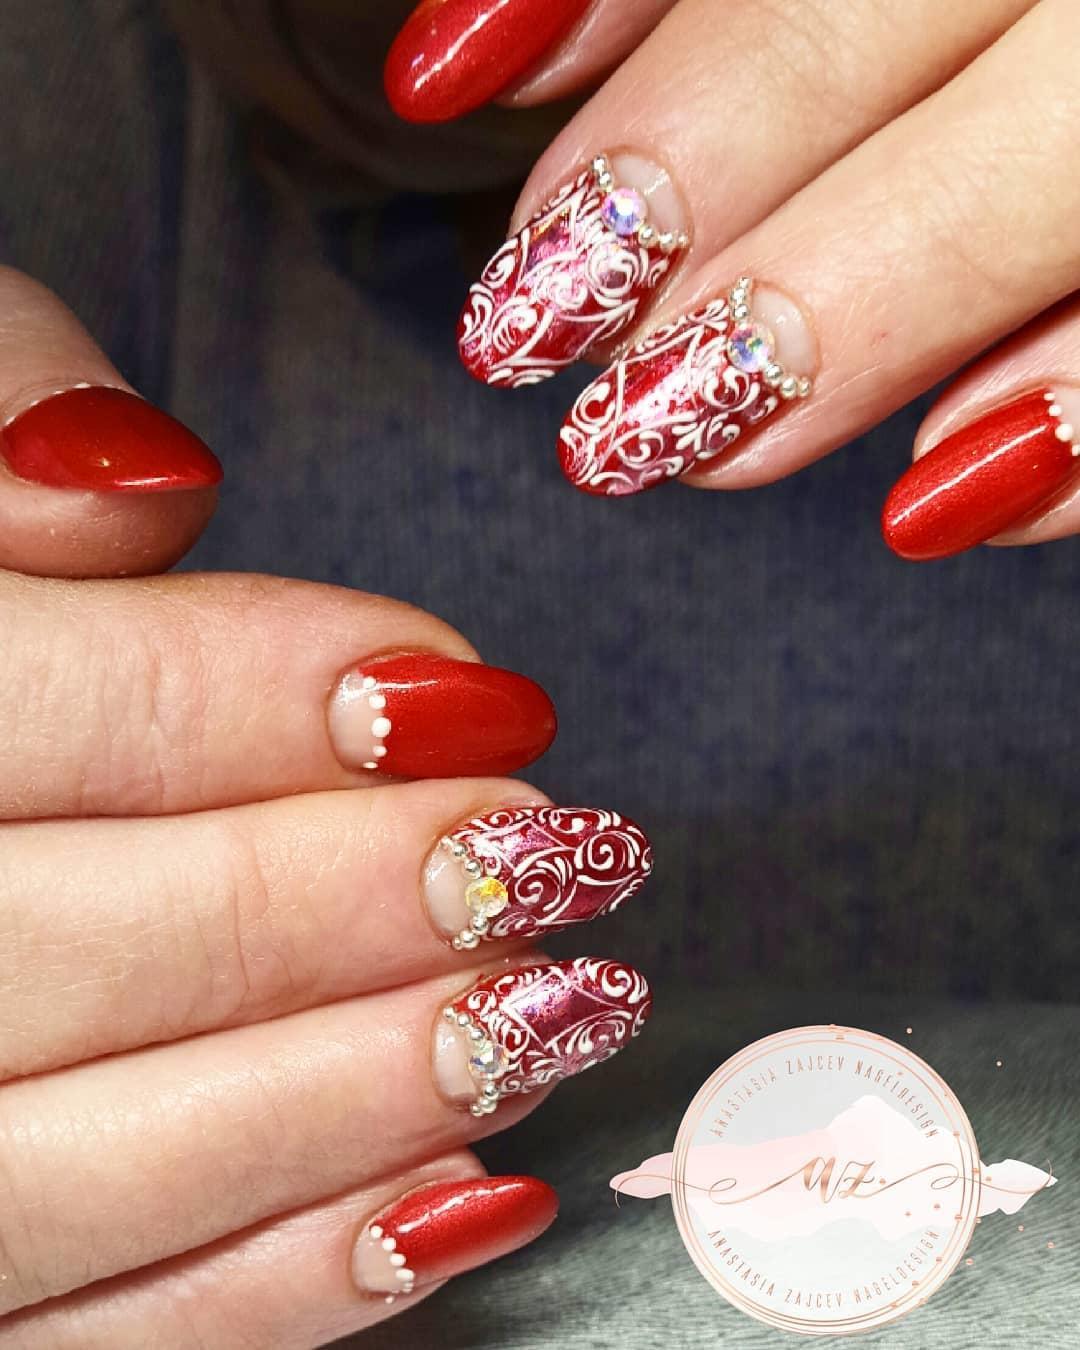 creative red nail design ideas 2019 17 - 20 Creative Red Nail Design Ideas 2019